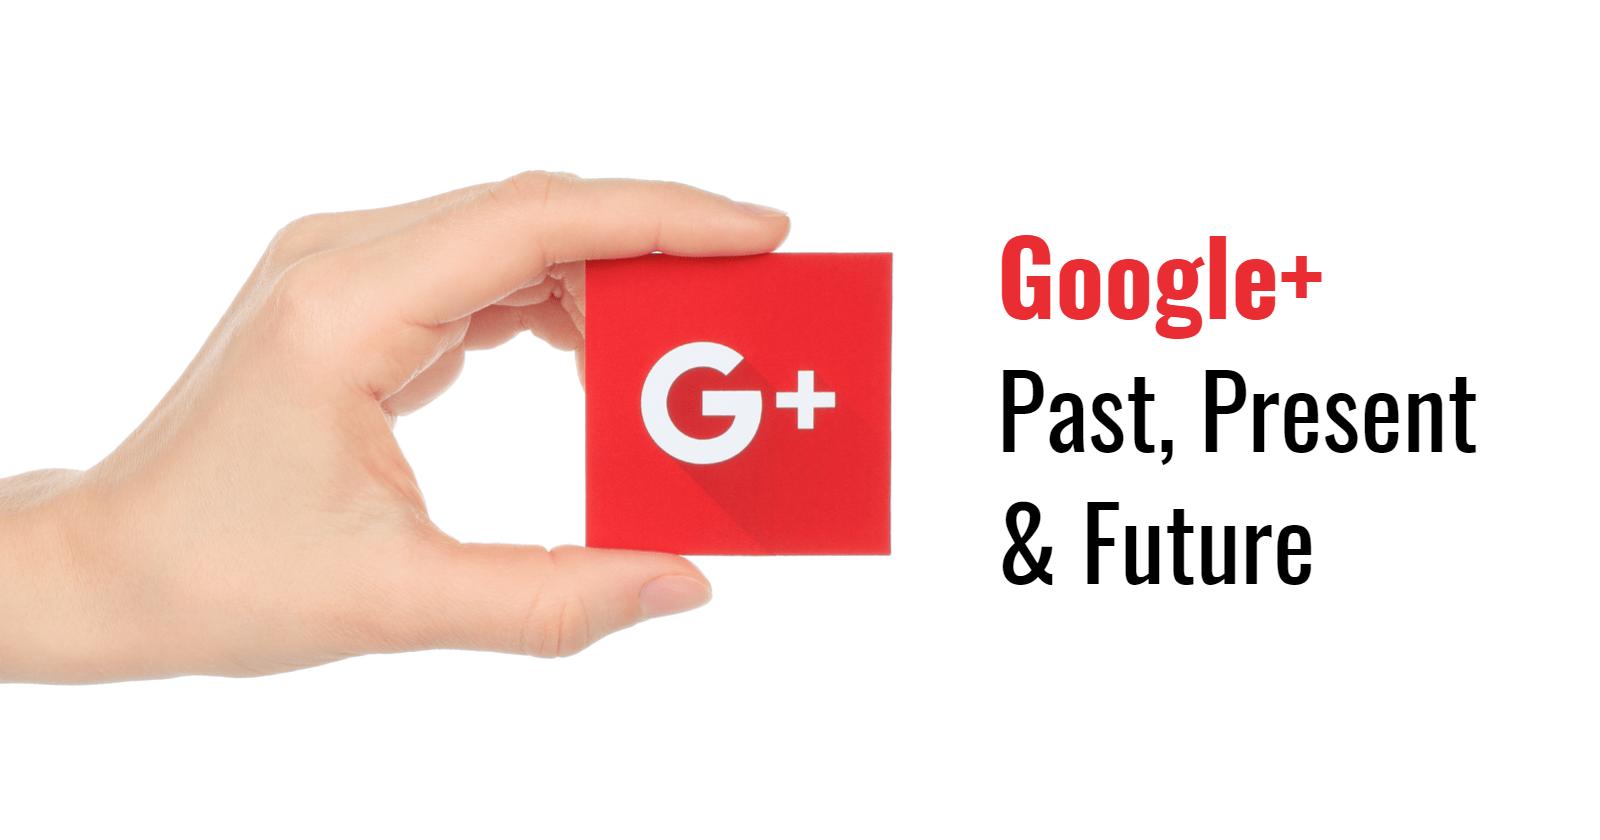 Google Plus: Past, Present & Future